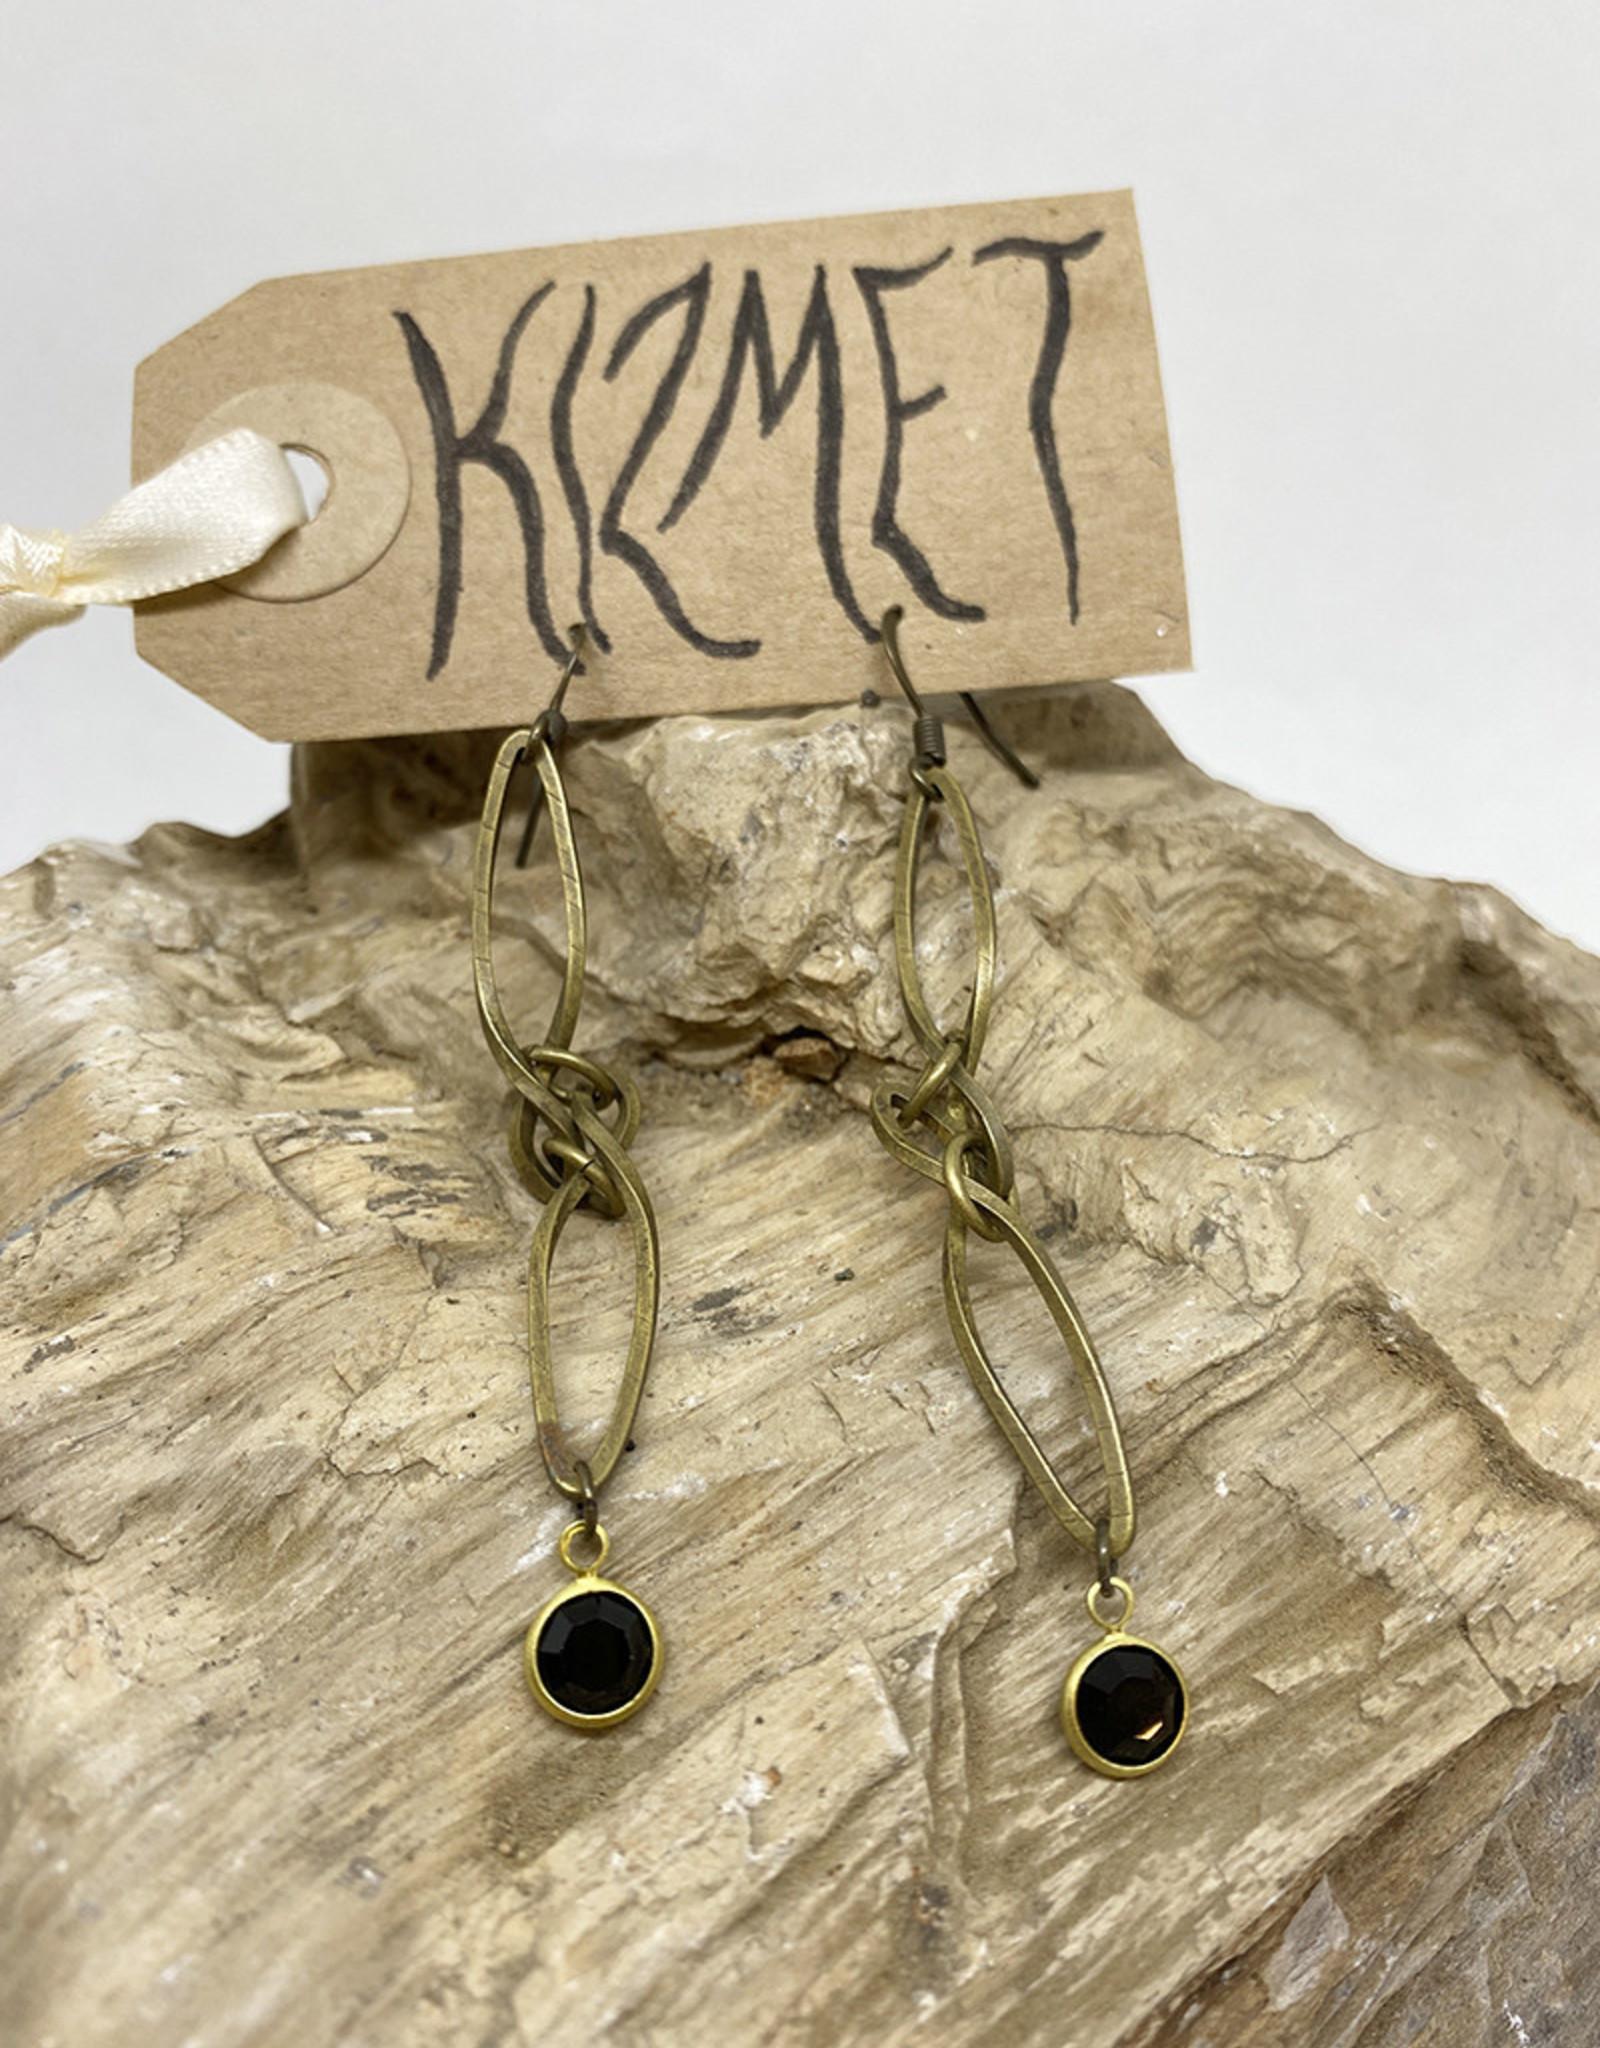 kizmet jewelry Swarovski Drop Earrings by Kizmet Jewelry